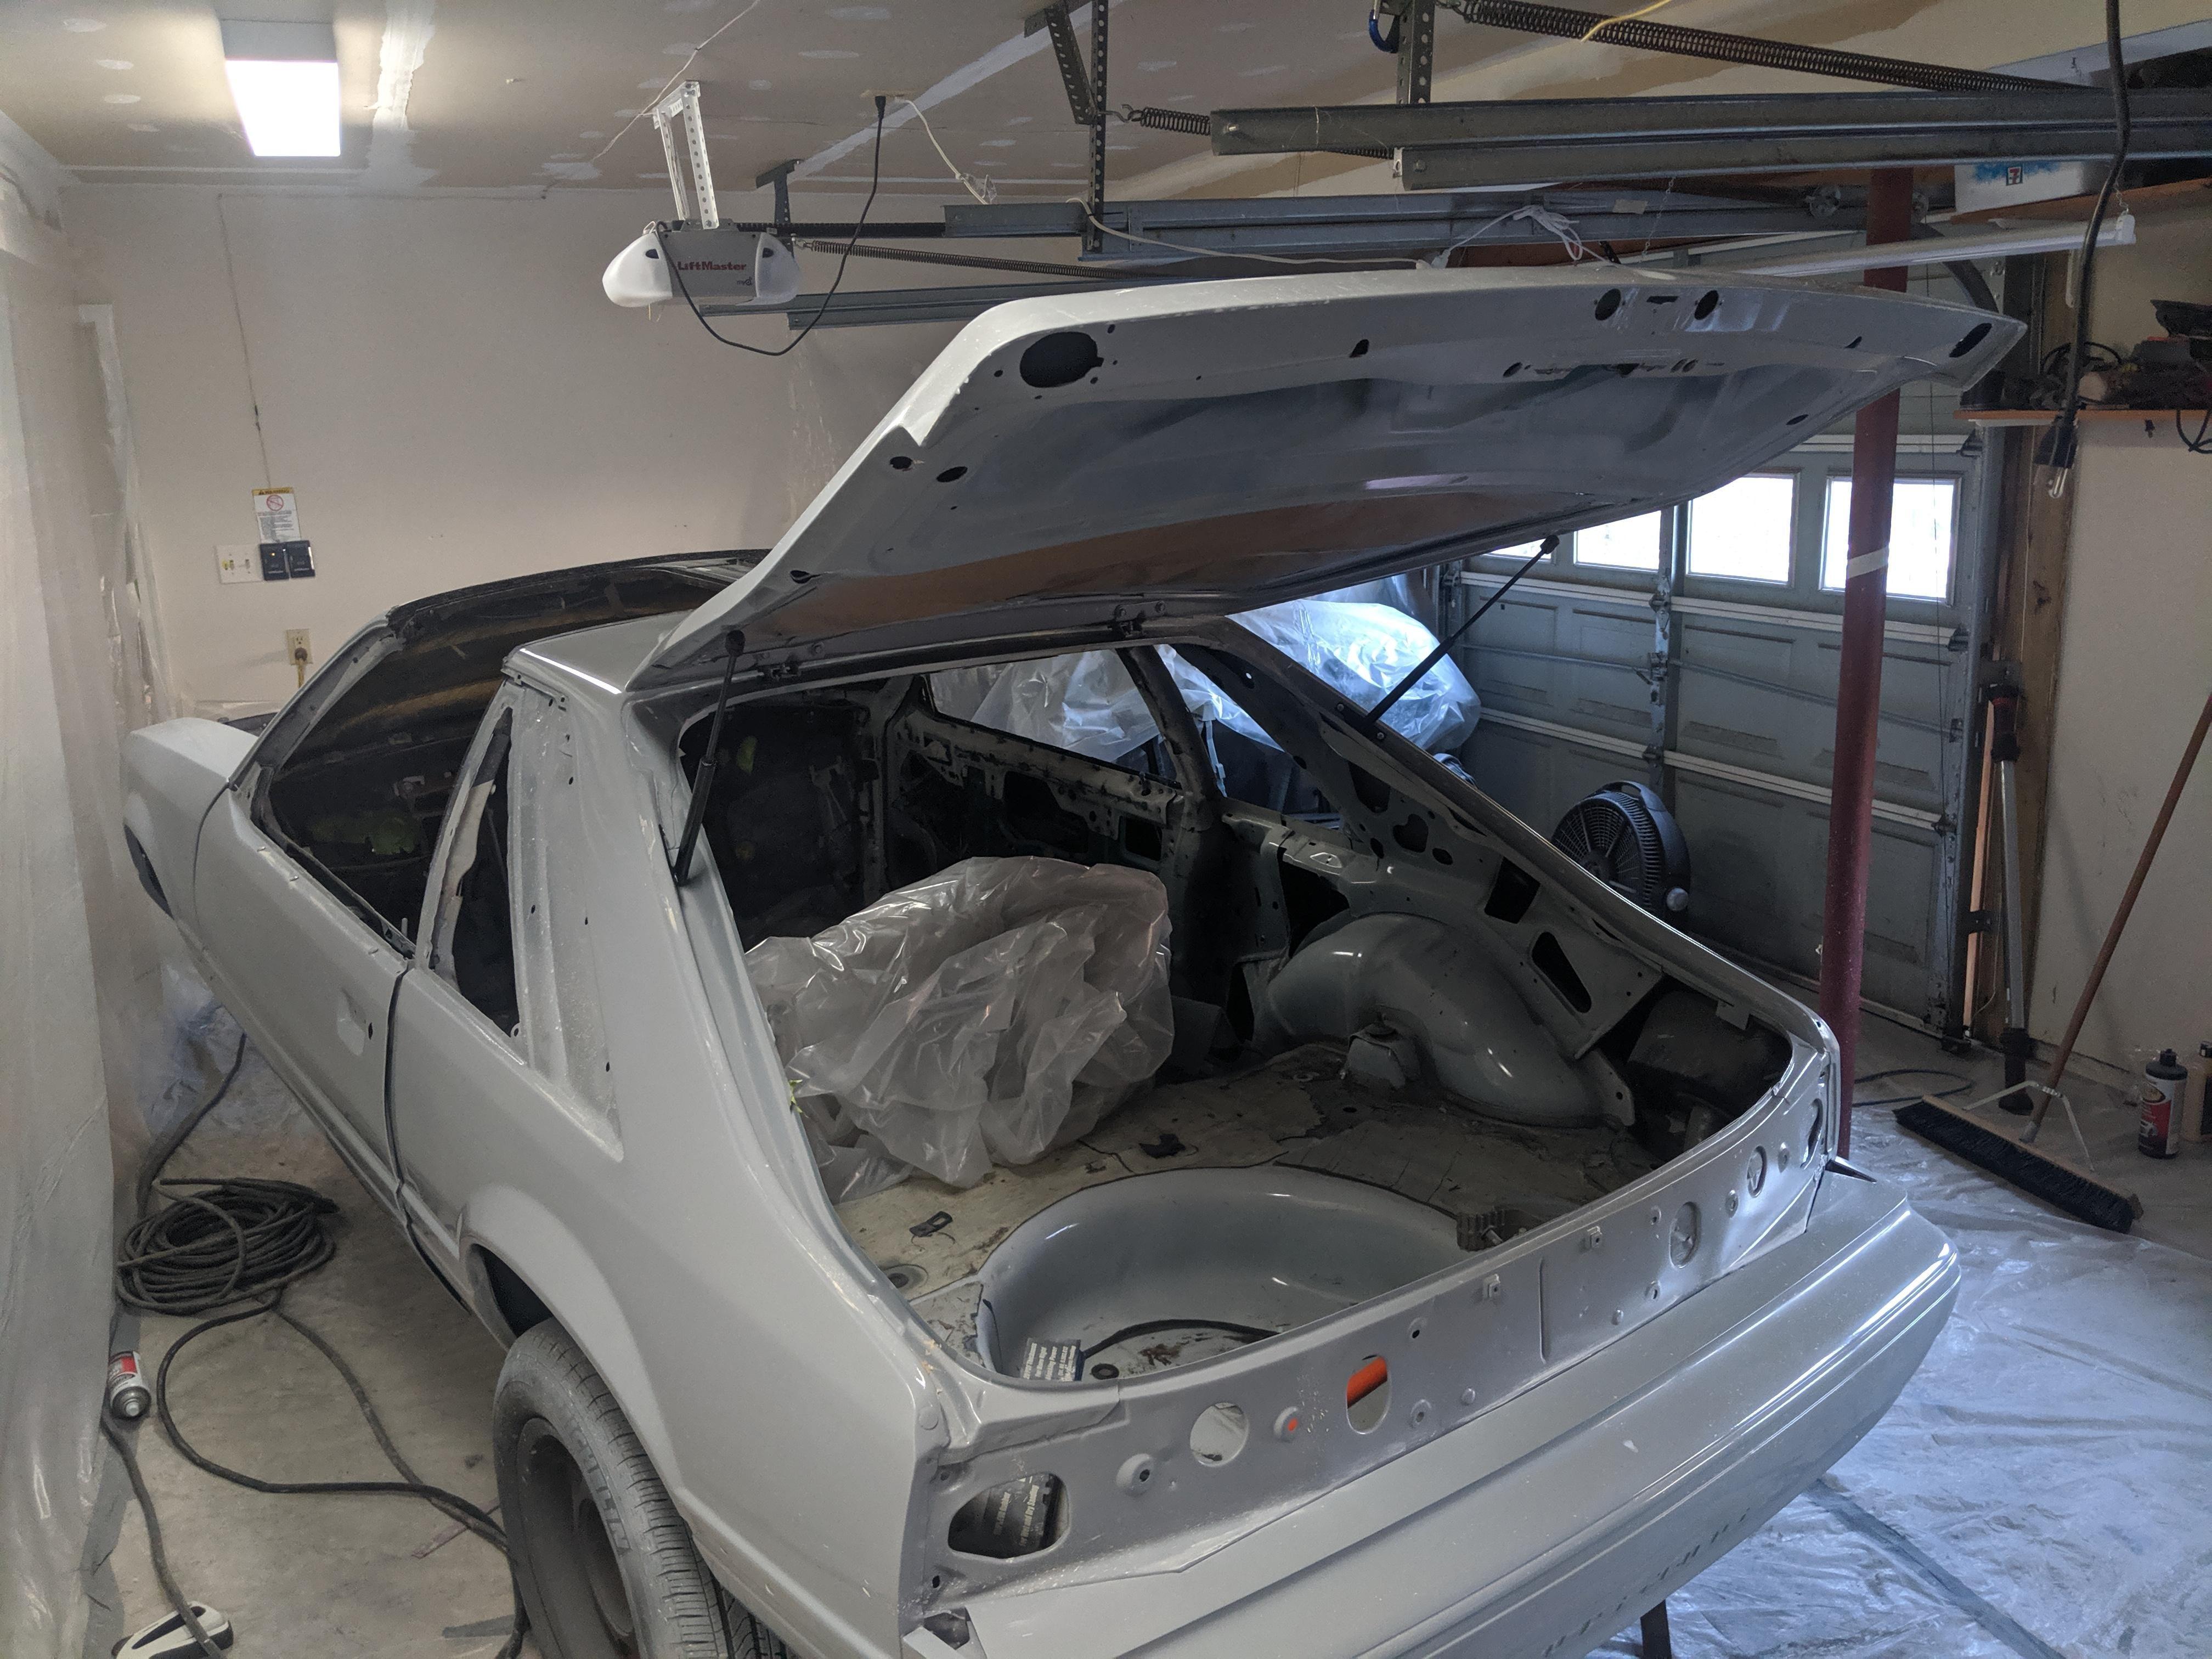 Mustang Hatchback Lift Support Bracket Kit 83 93 Mustang Hatchback Mustang Hatchback